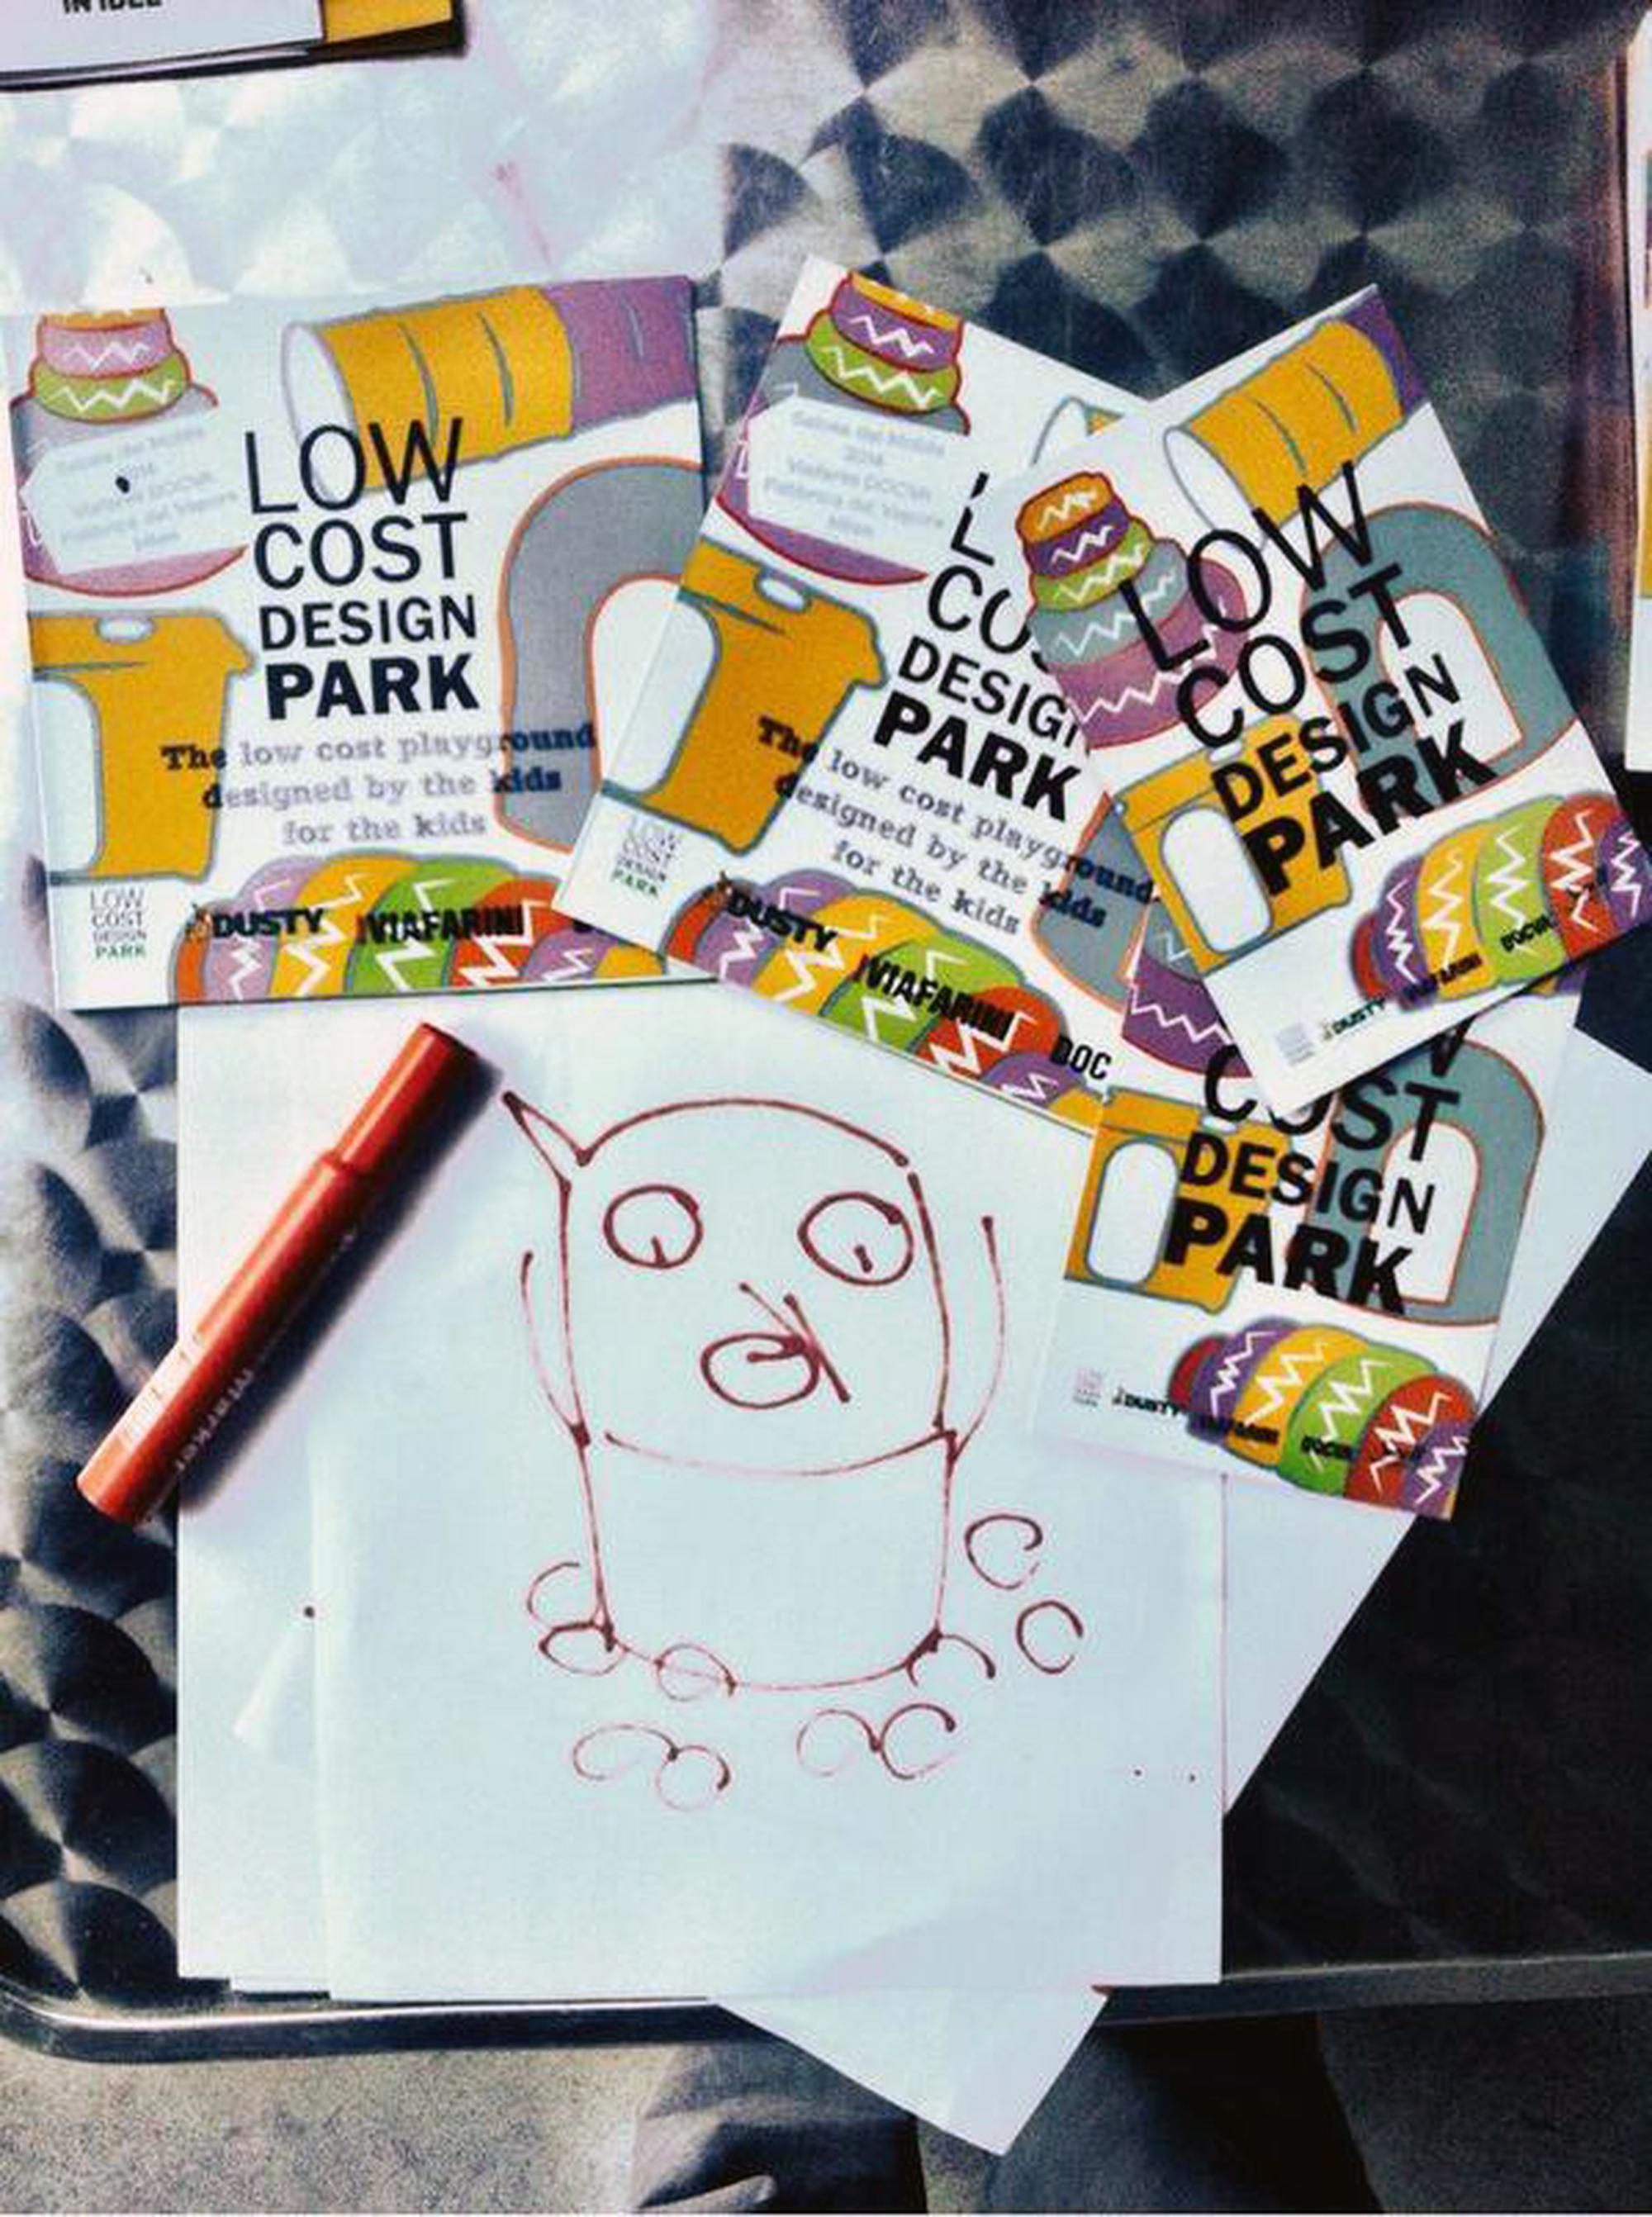 Low Cost Design Park, Low Cost Design Park, progettato dai bambini per i bambini.